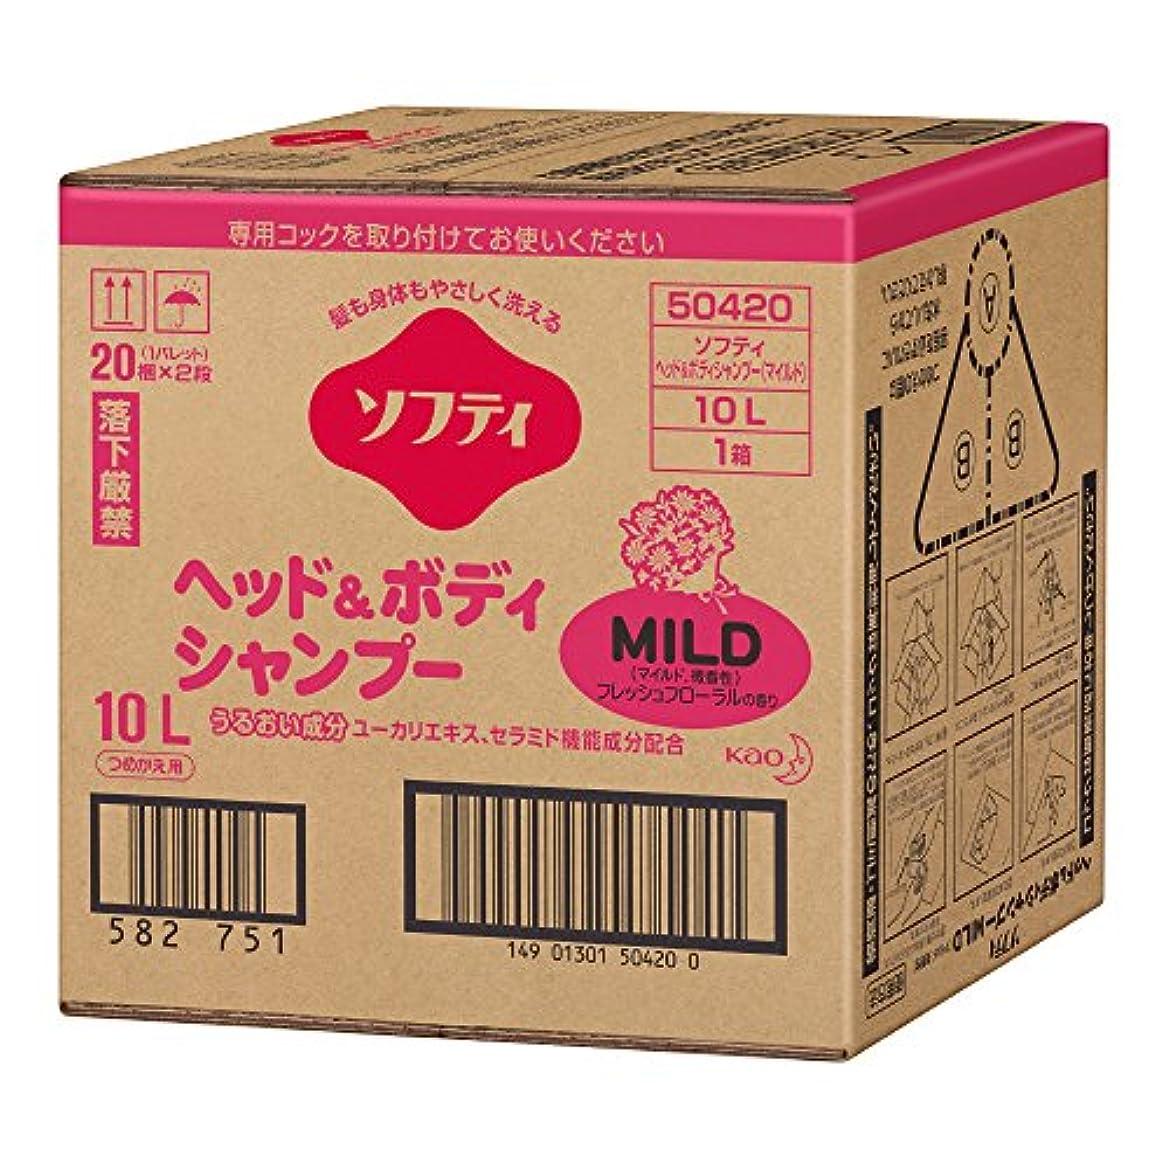 上げるアクセシブル信号ソフティ ヘッド&ボディシャンプーMILD(マイルド) 10L バッグインボックスタイプ (花王プロフェッショナルシリーズ)